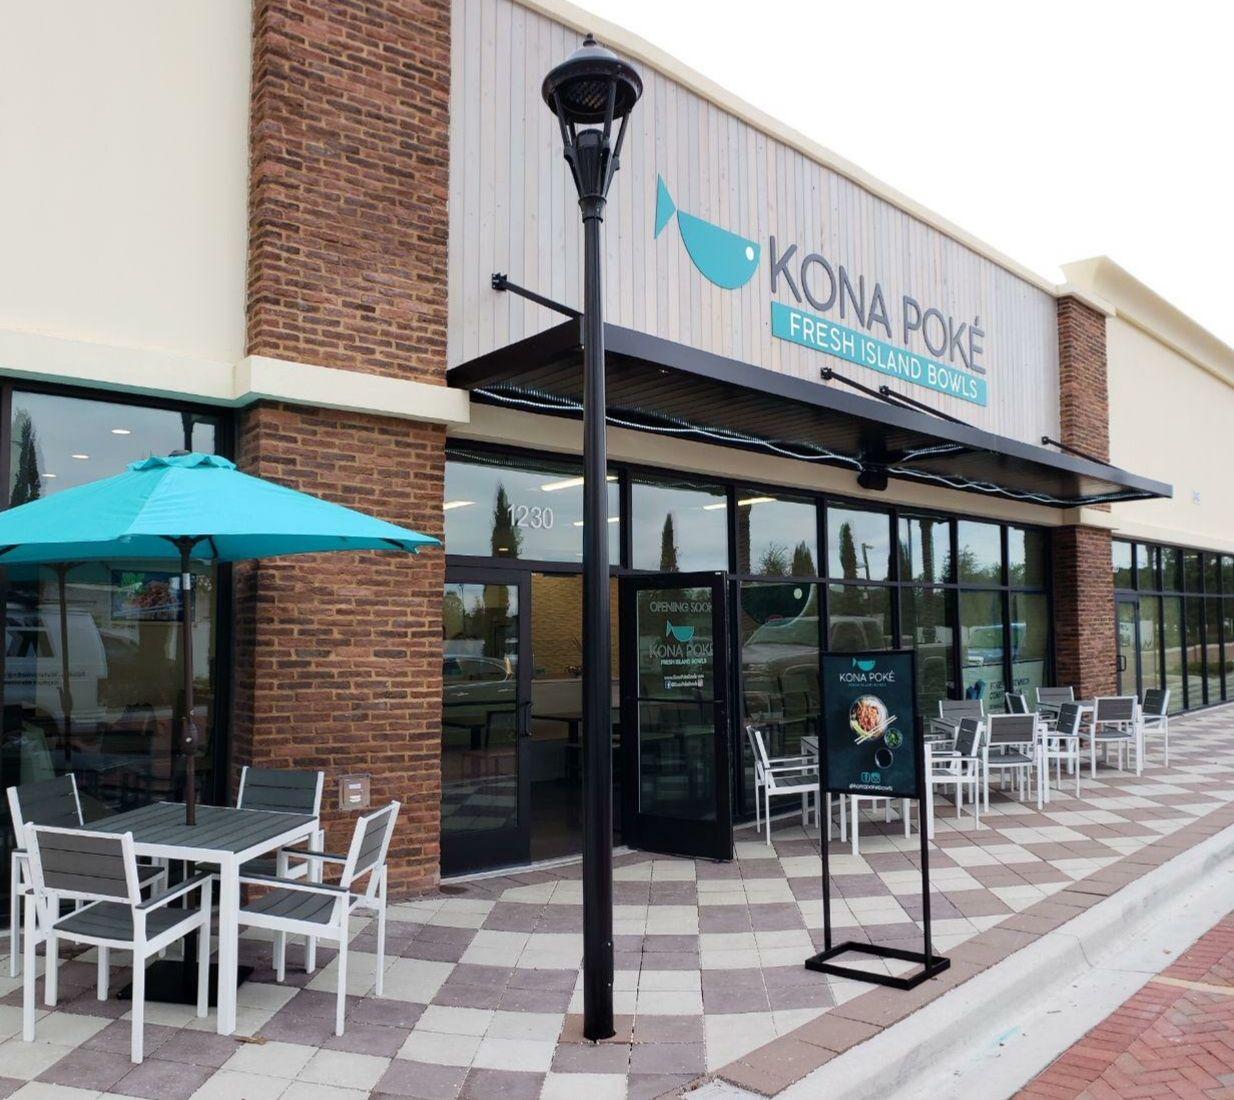 Kona Poké annonce l'ouverture d'un troisième restaurant à Apopka, en Floride, fin 2021 et de futurs emplacements dans tout l'État